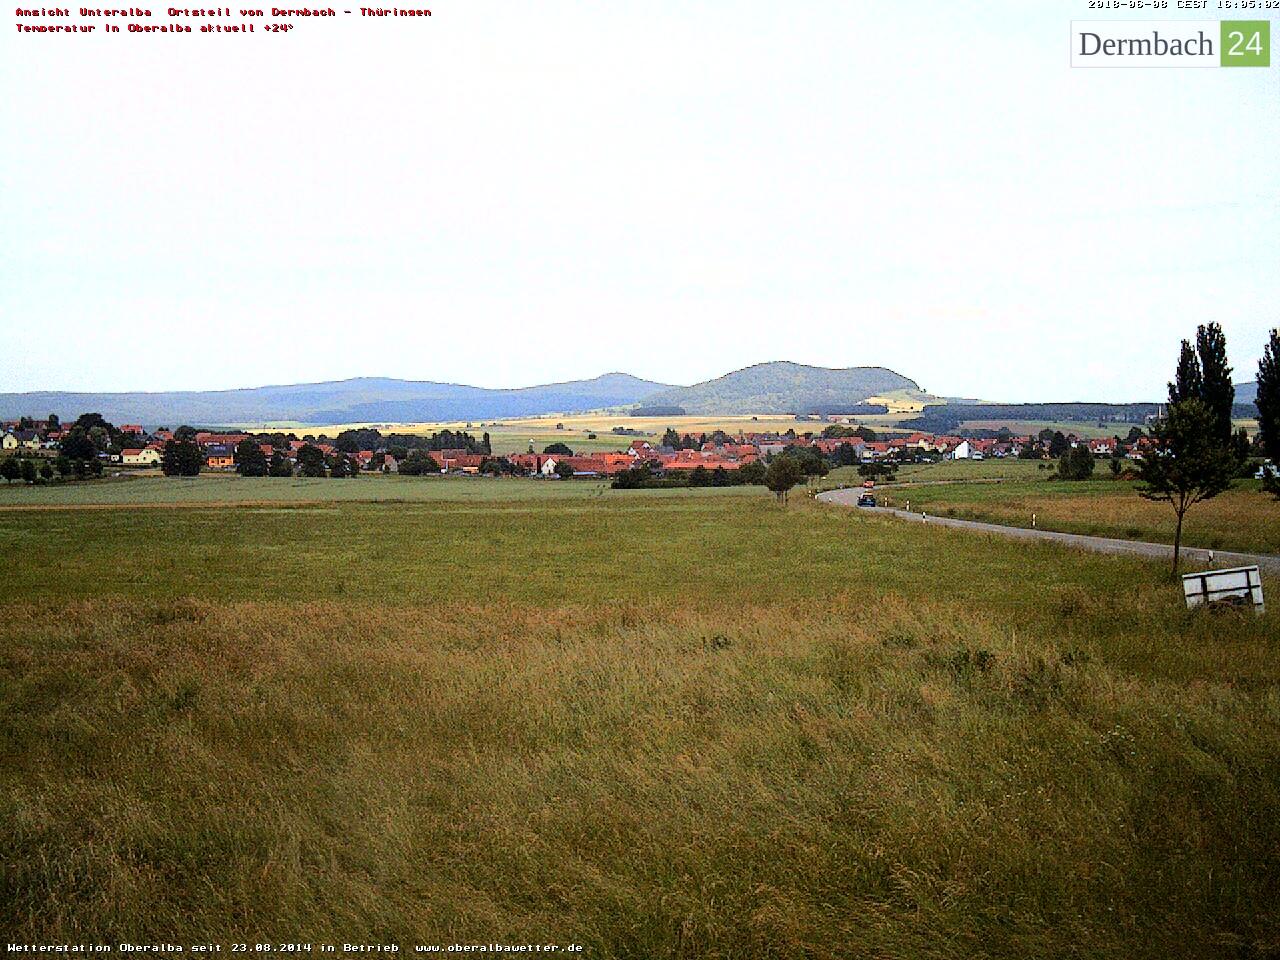 Oberalba - Germany